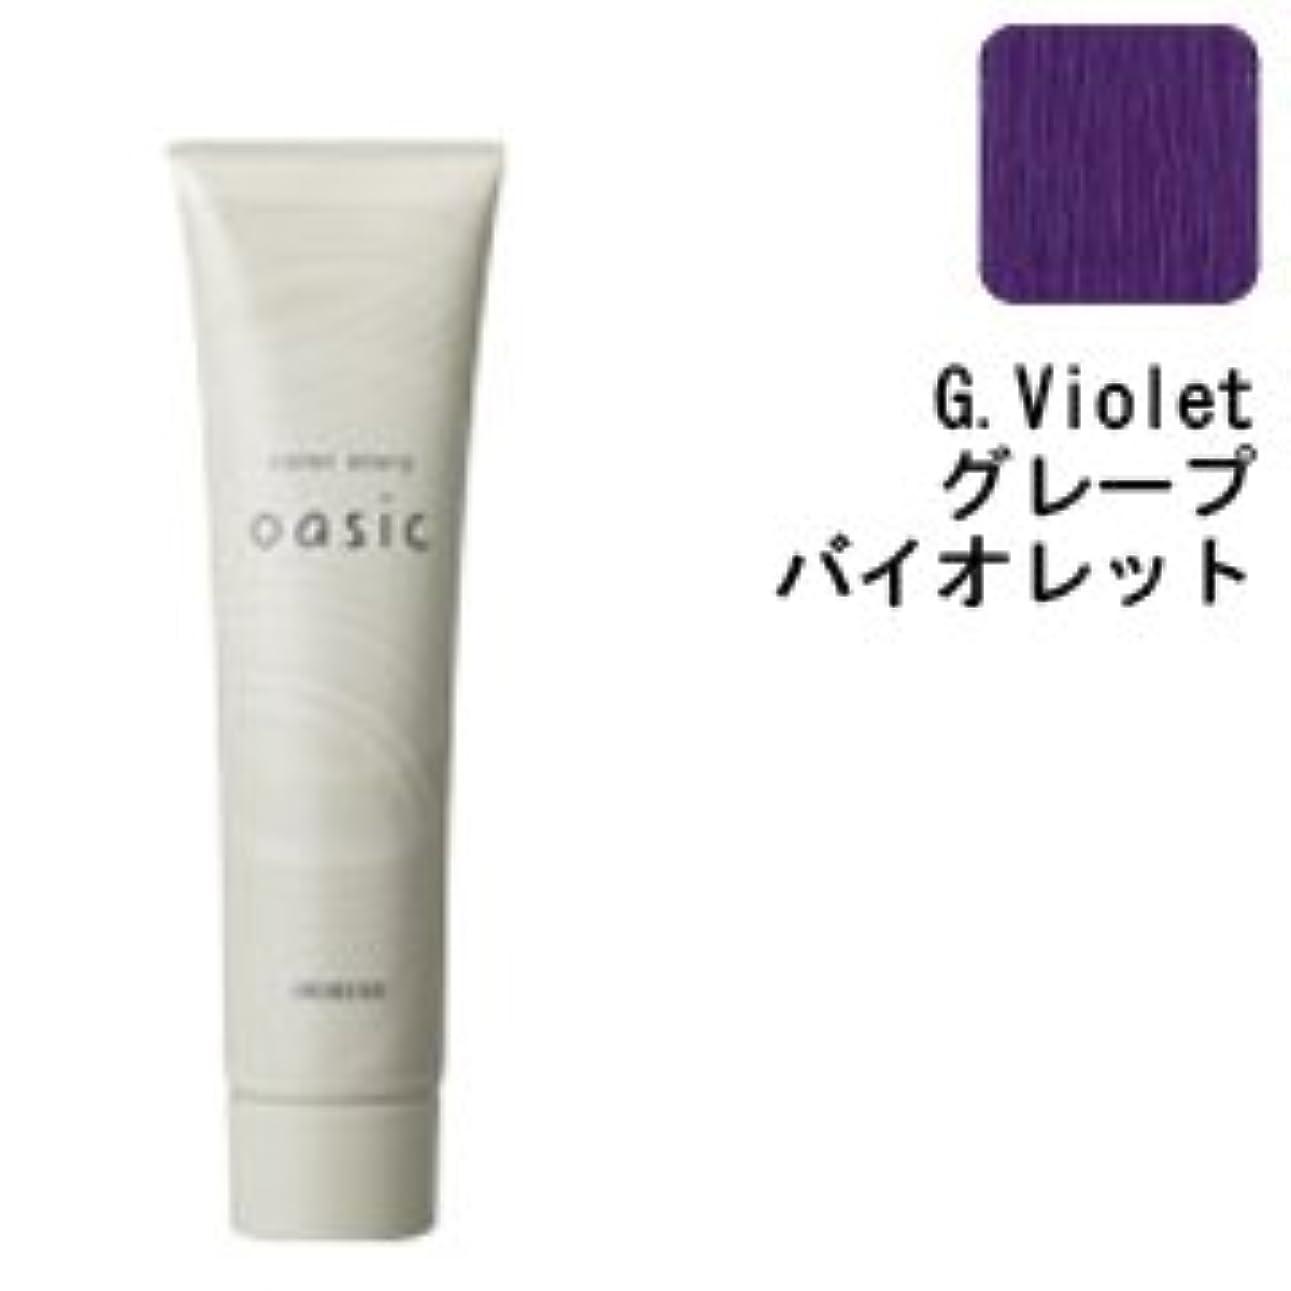 言い訳確認つぶす【アリミノ】カラーストーリー オアシック G.Violet (グレープバイオレット) 150g